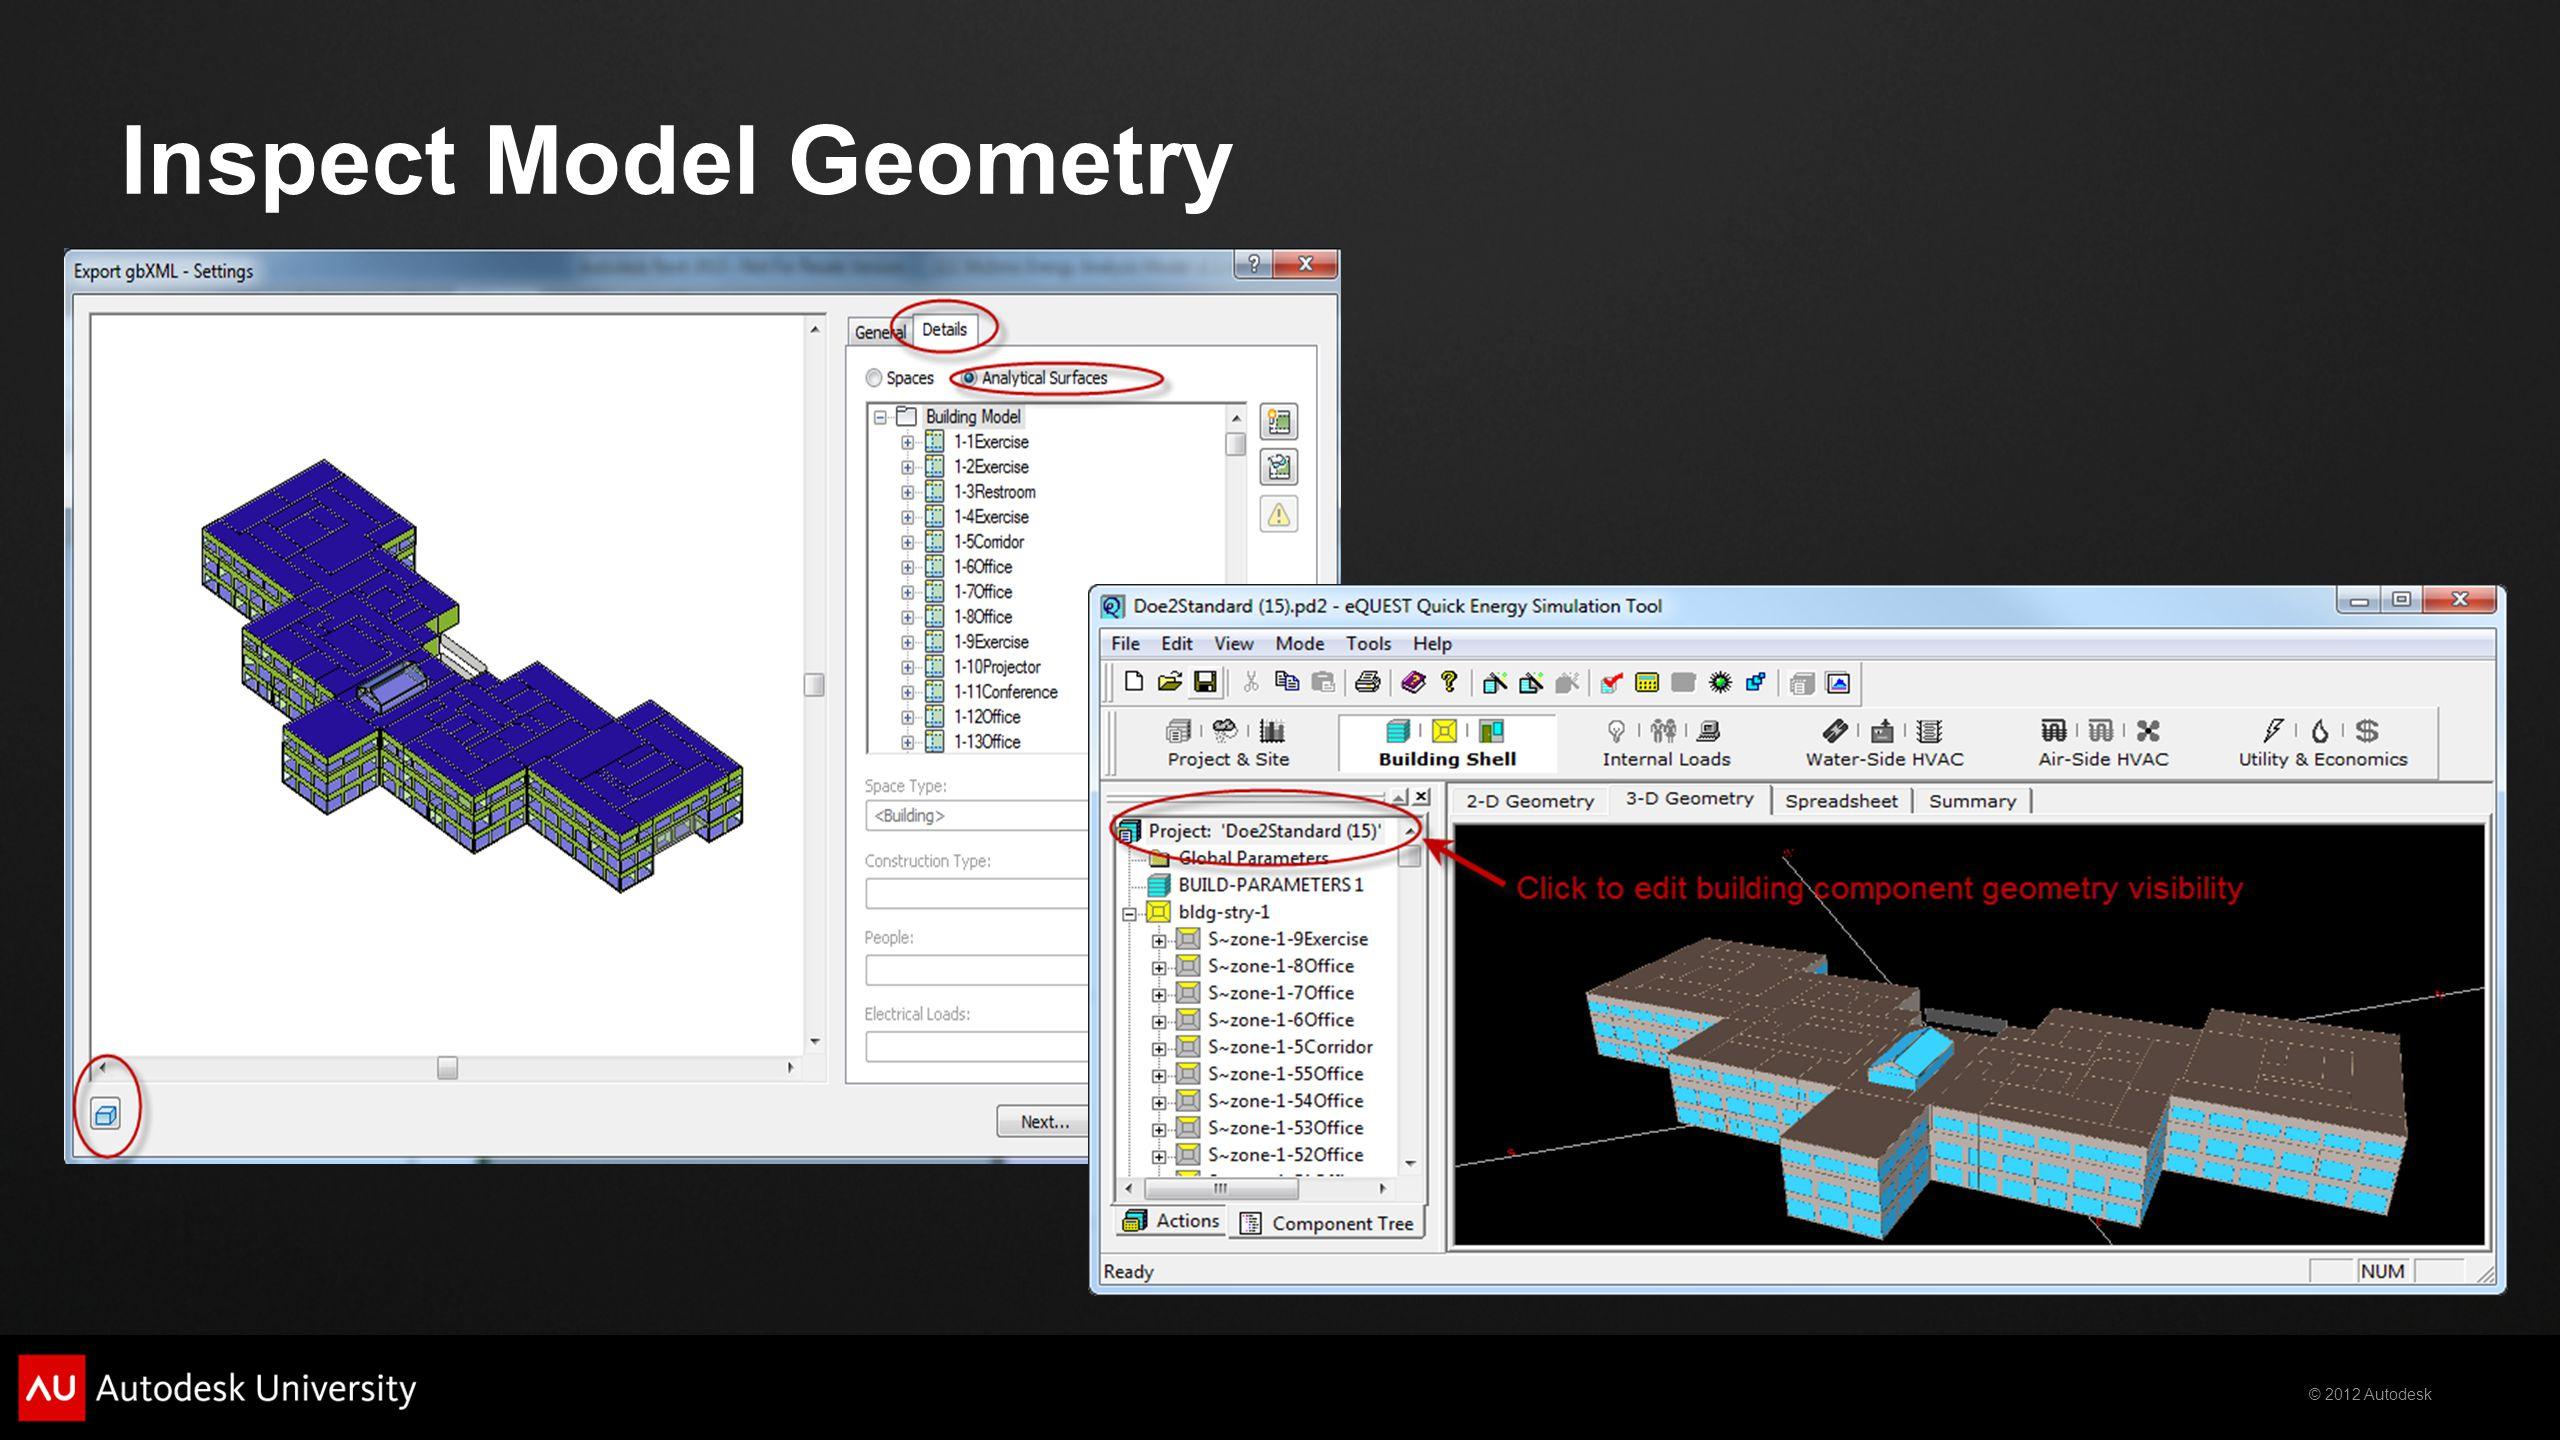 Inspect Model Geometry